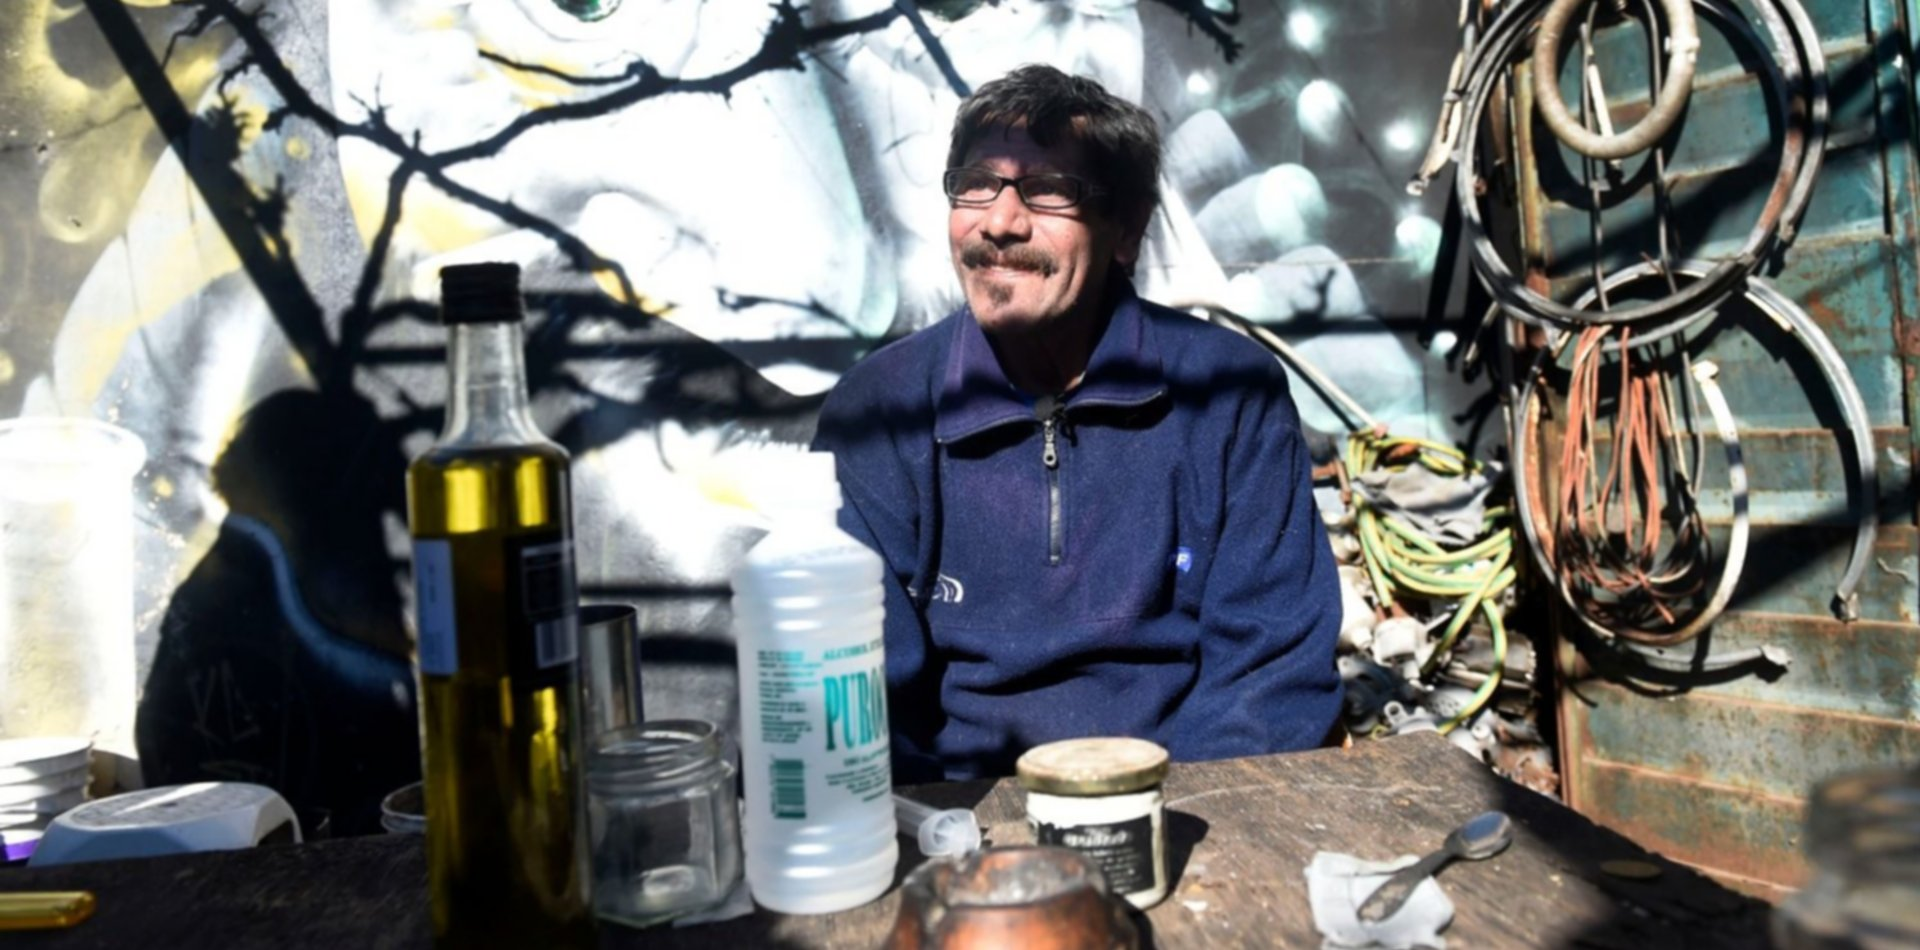 """Donaron al CONICET los materiales con los que el """"profesor Loza"""" hacía aceite de cannabis"""